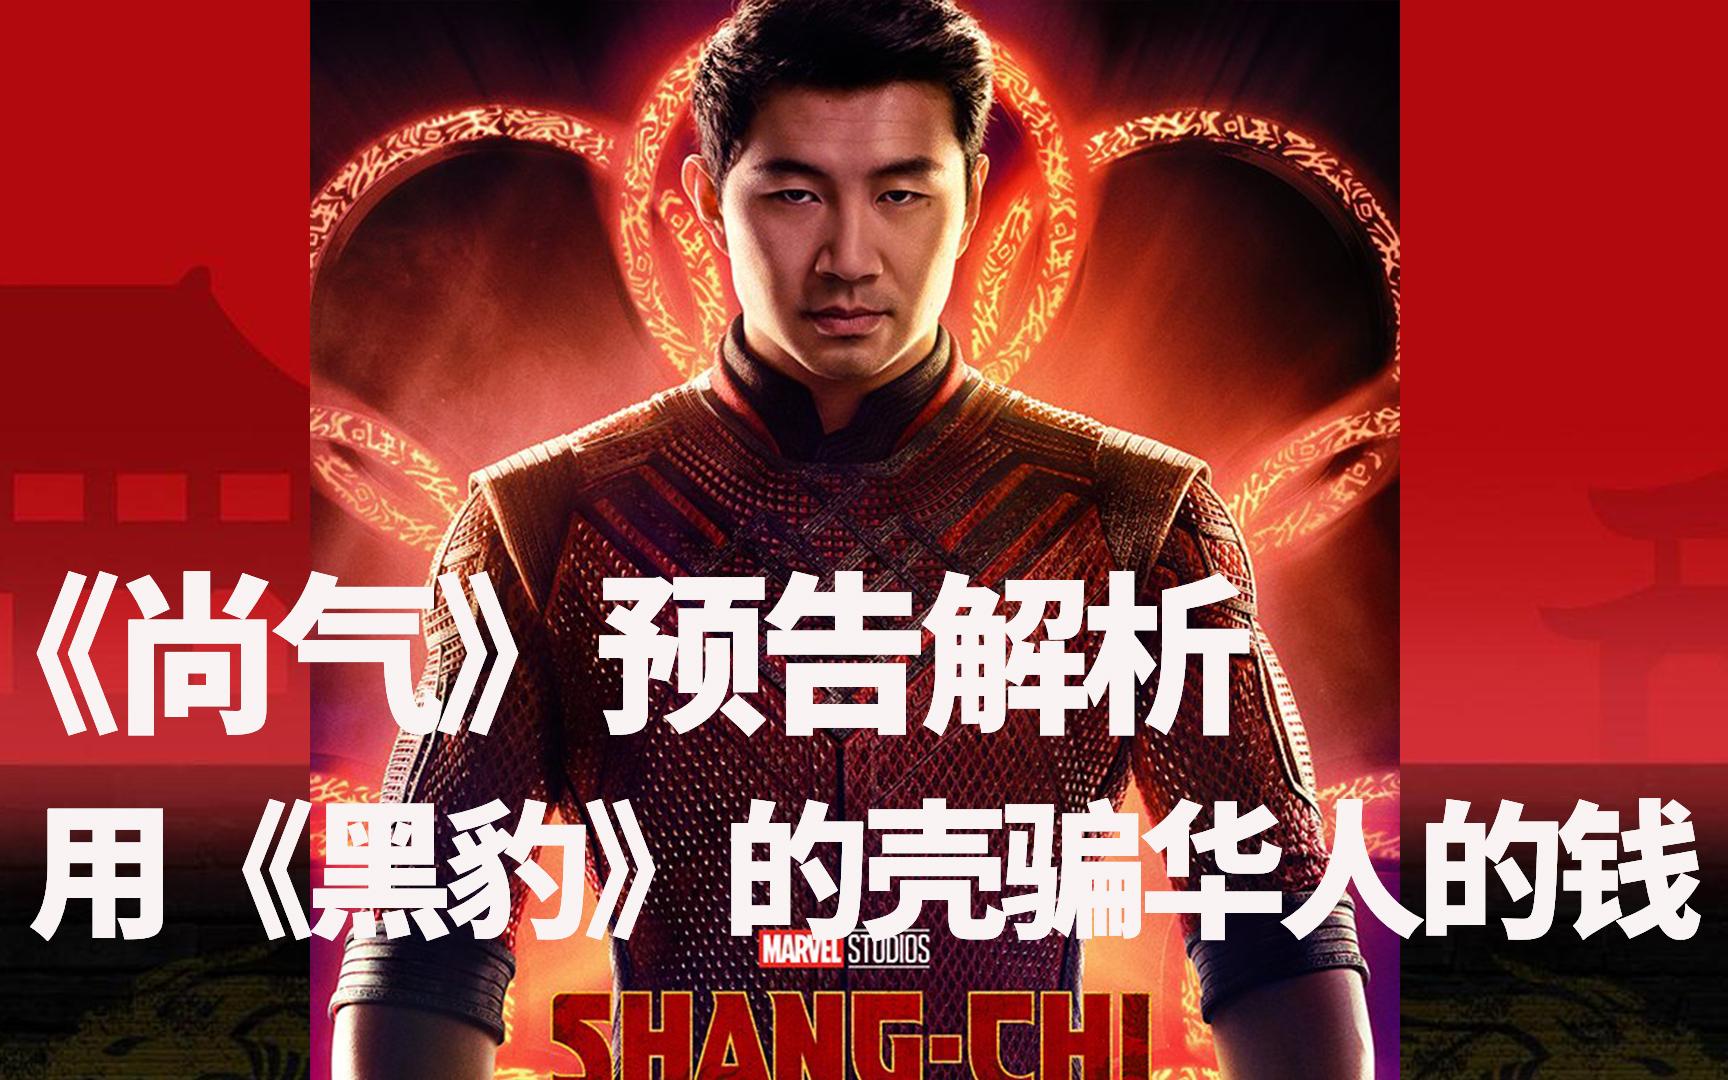 拿《黑豹》那套来骗华人的钱?预告解析漫威电影《尚气十戒传奇》